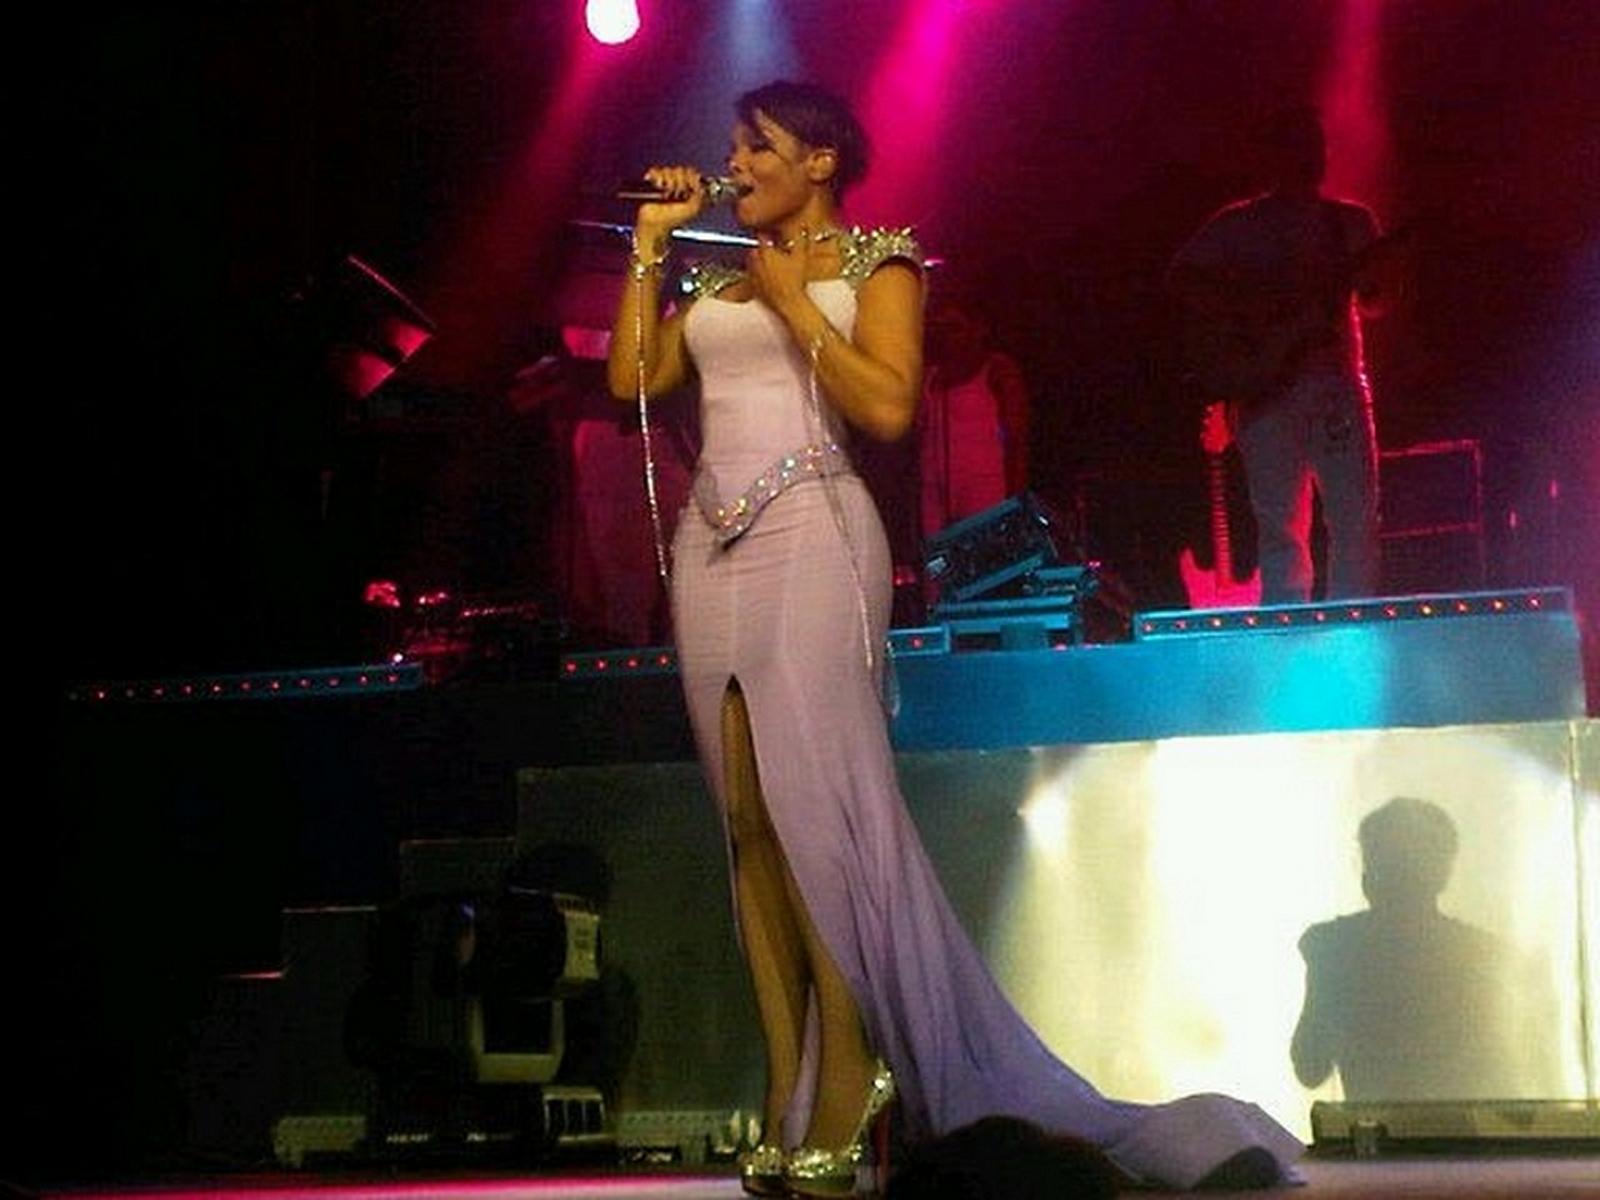 http://4.bp.blogspot.com/-TnpaZvKjwpo/TVXNOOndcAI/AAAAAAAAFP0/cnYadmuYn7o/s1600/janet+concert+%25281%2529.jpg